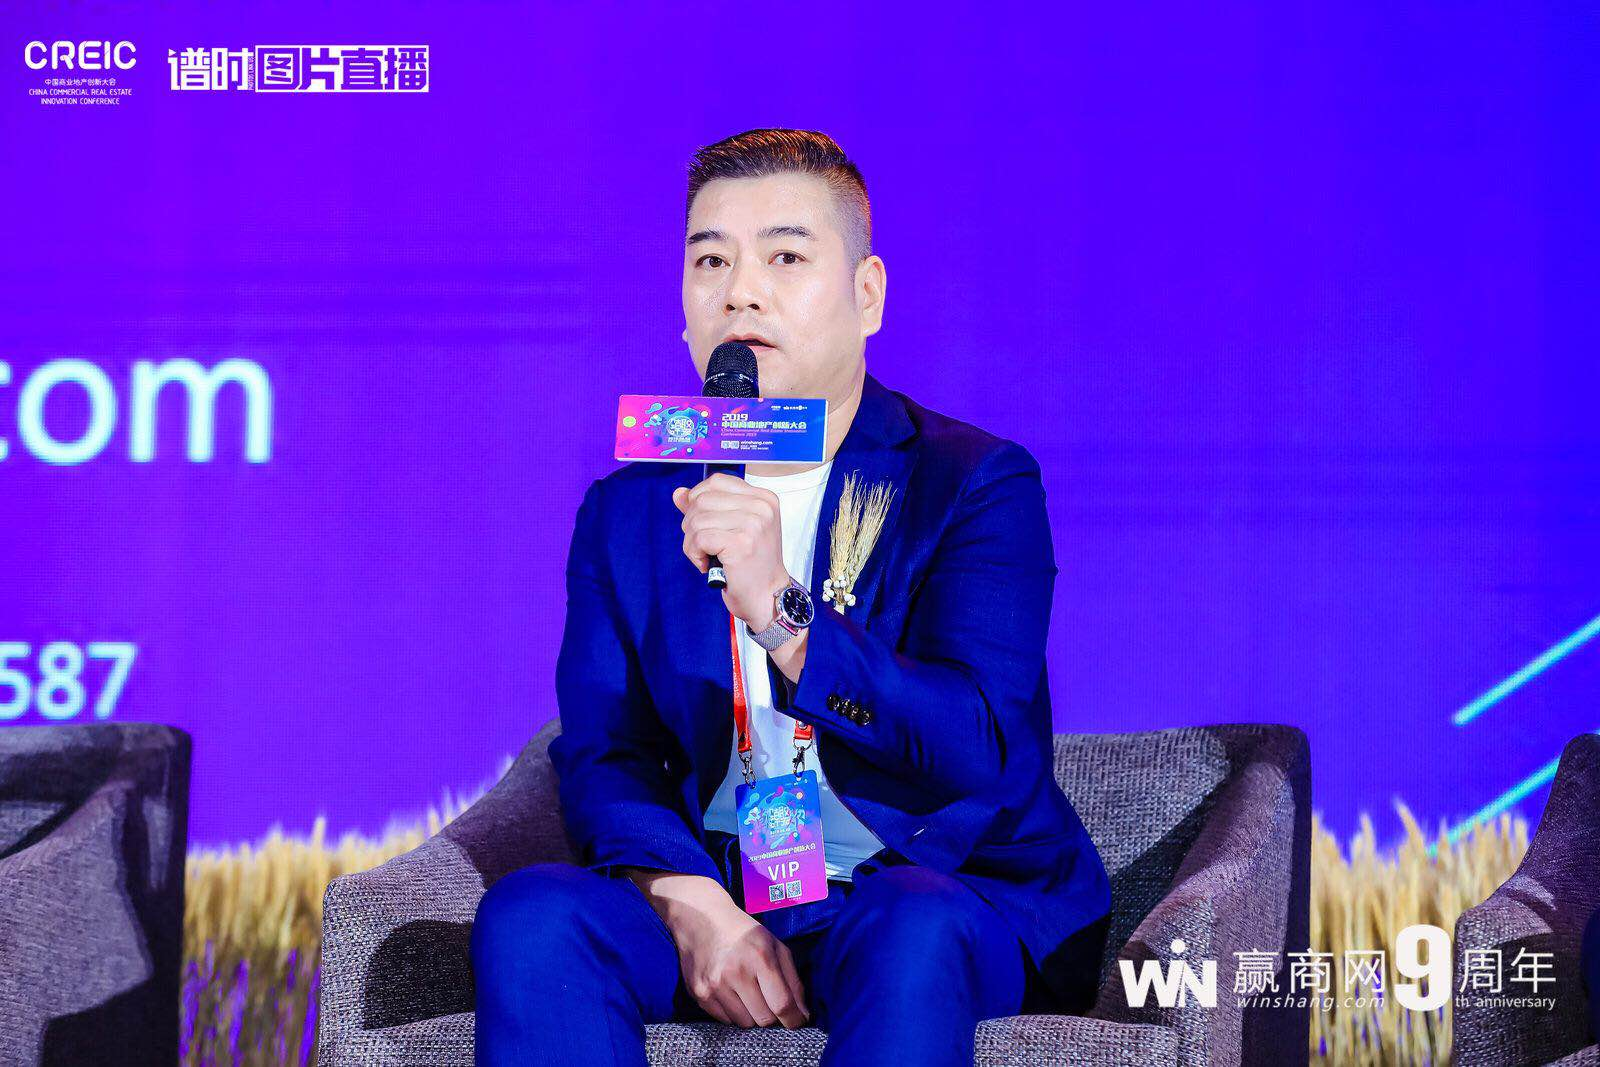 """金宝汇总司理胡泊:经过文明发生消费 才是""""文明+商业""""的开展之路"""